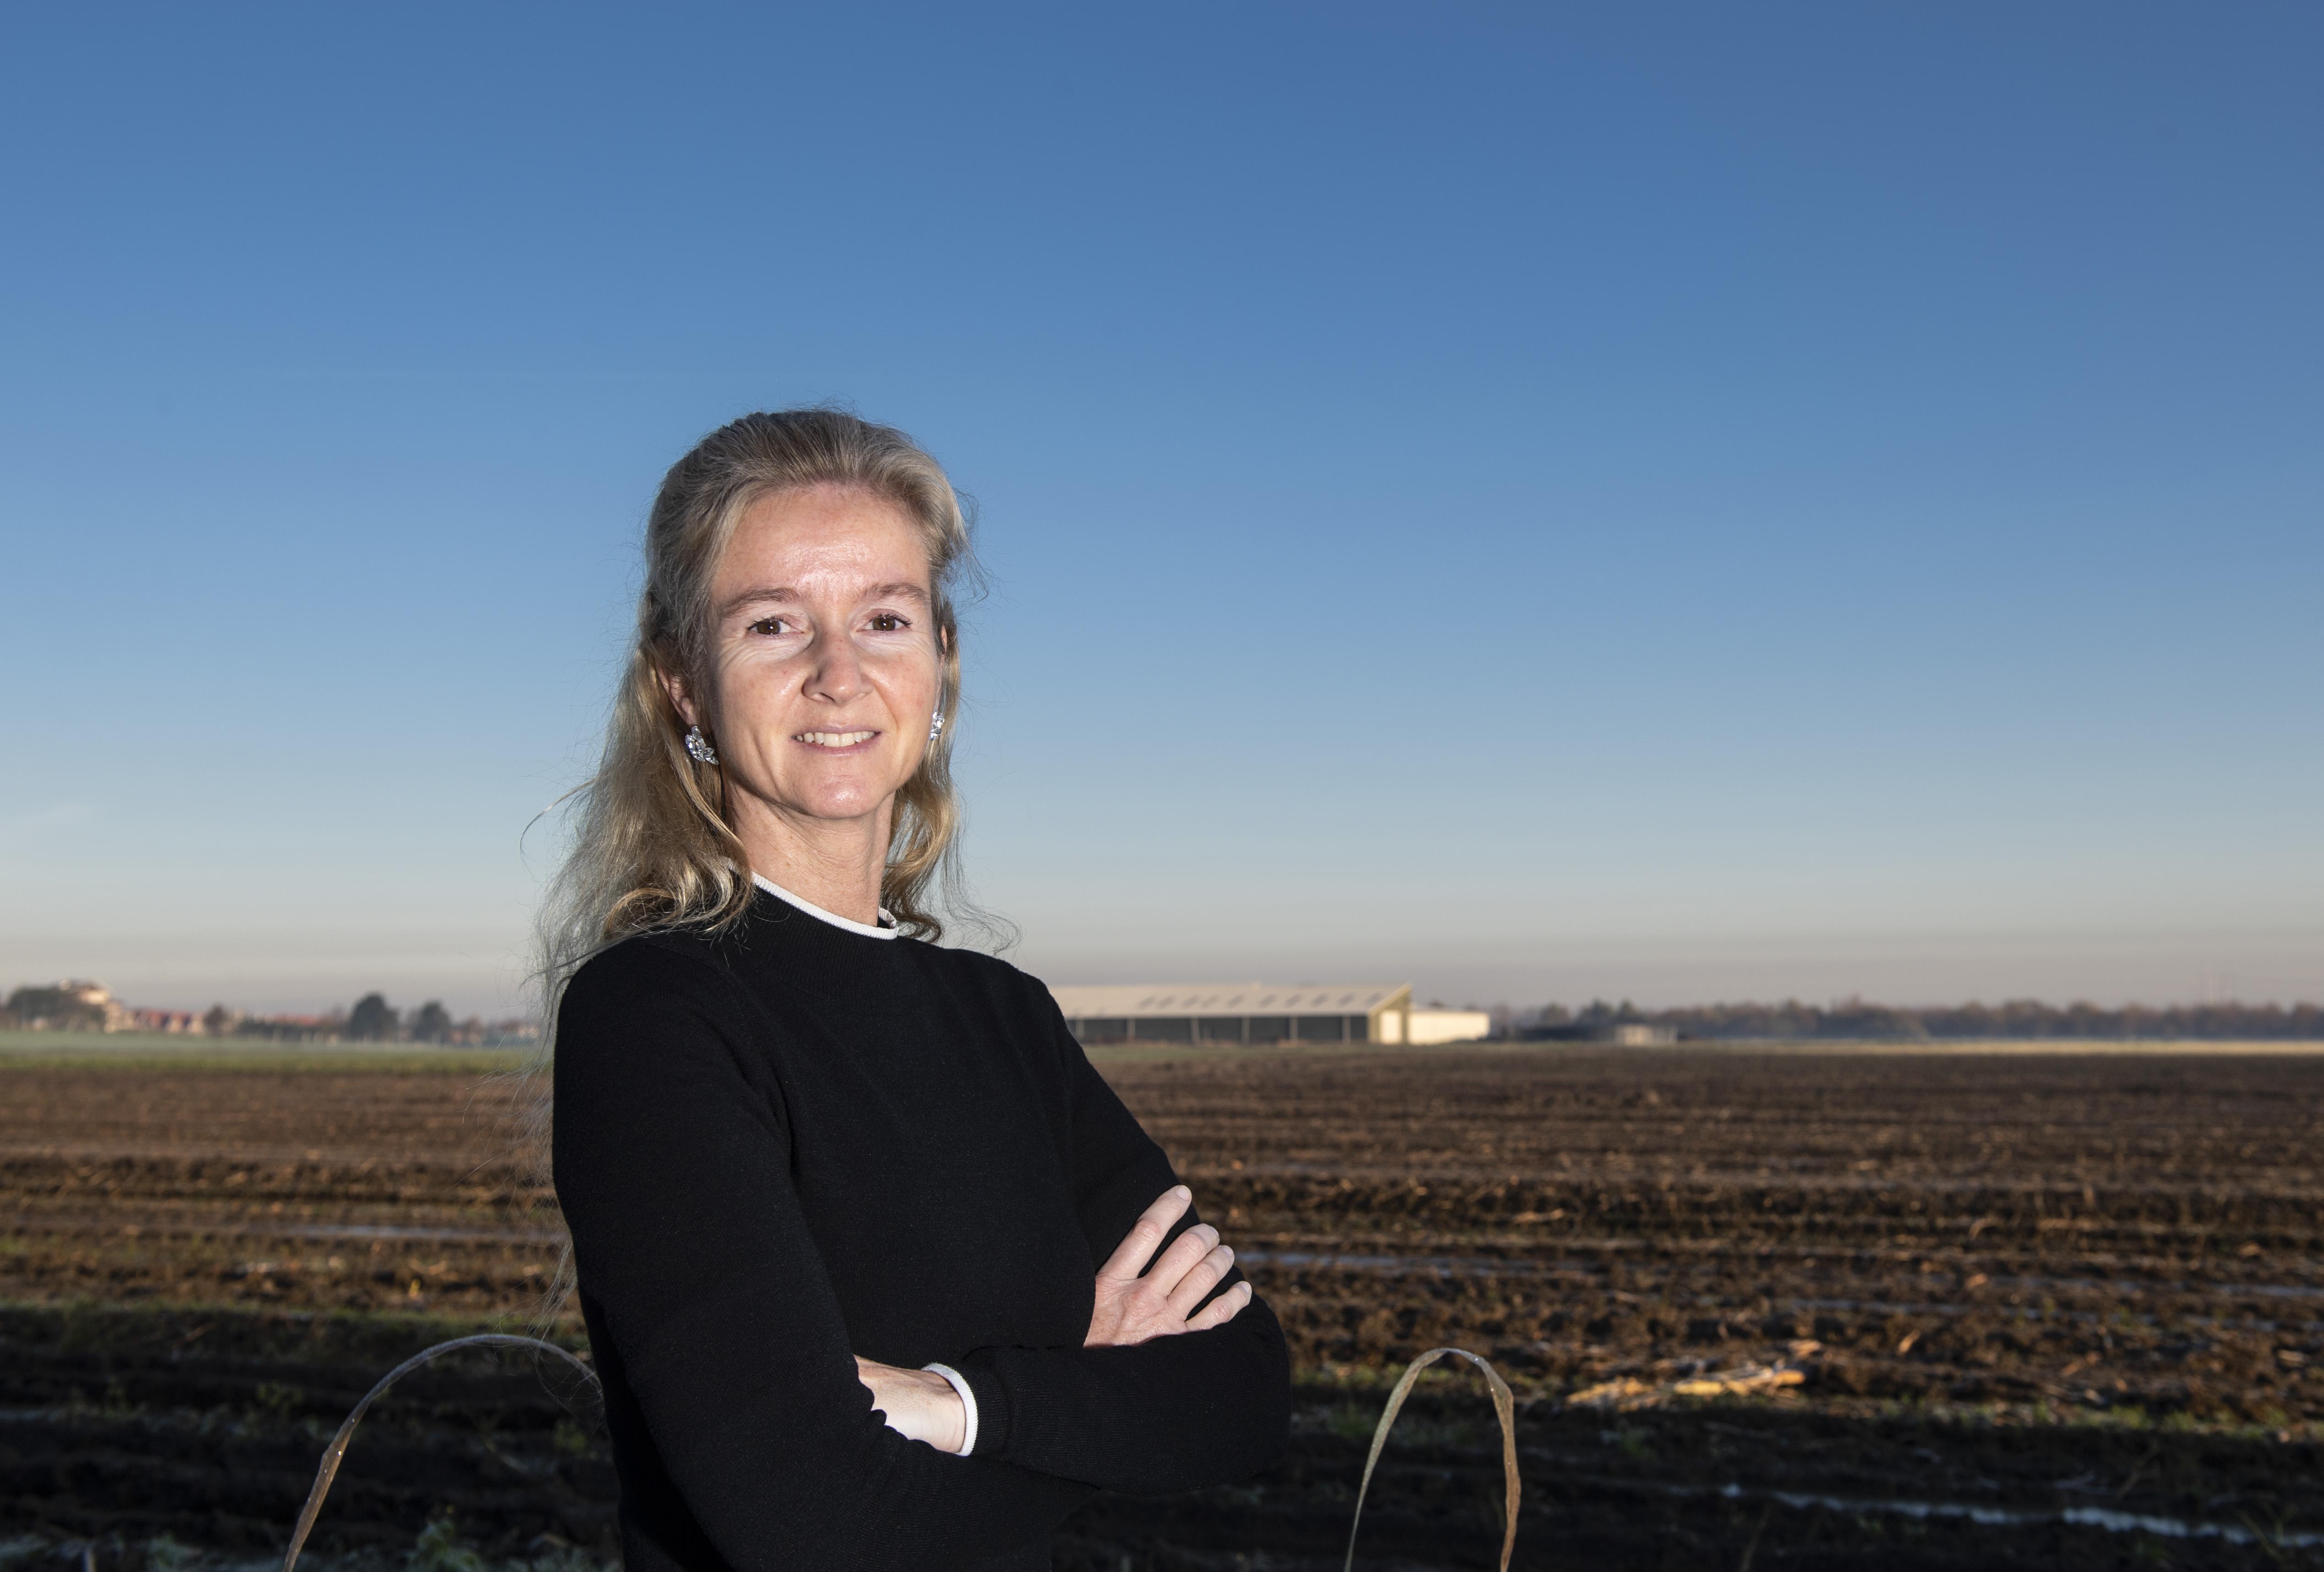 Beinsdorpse hoogleraar Natasja de Groot houdt oratie over hartritmestoornissen aan Erasmus Universiteit